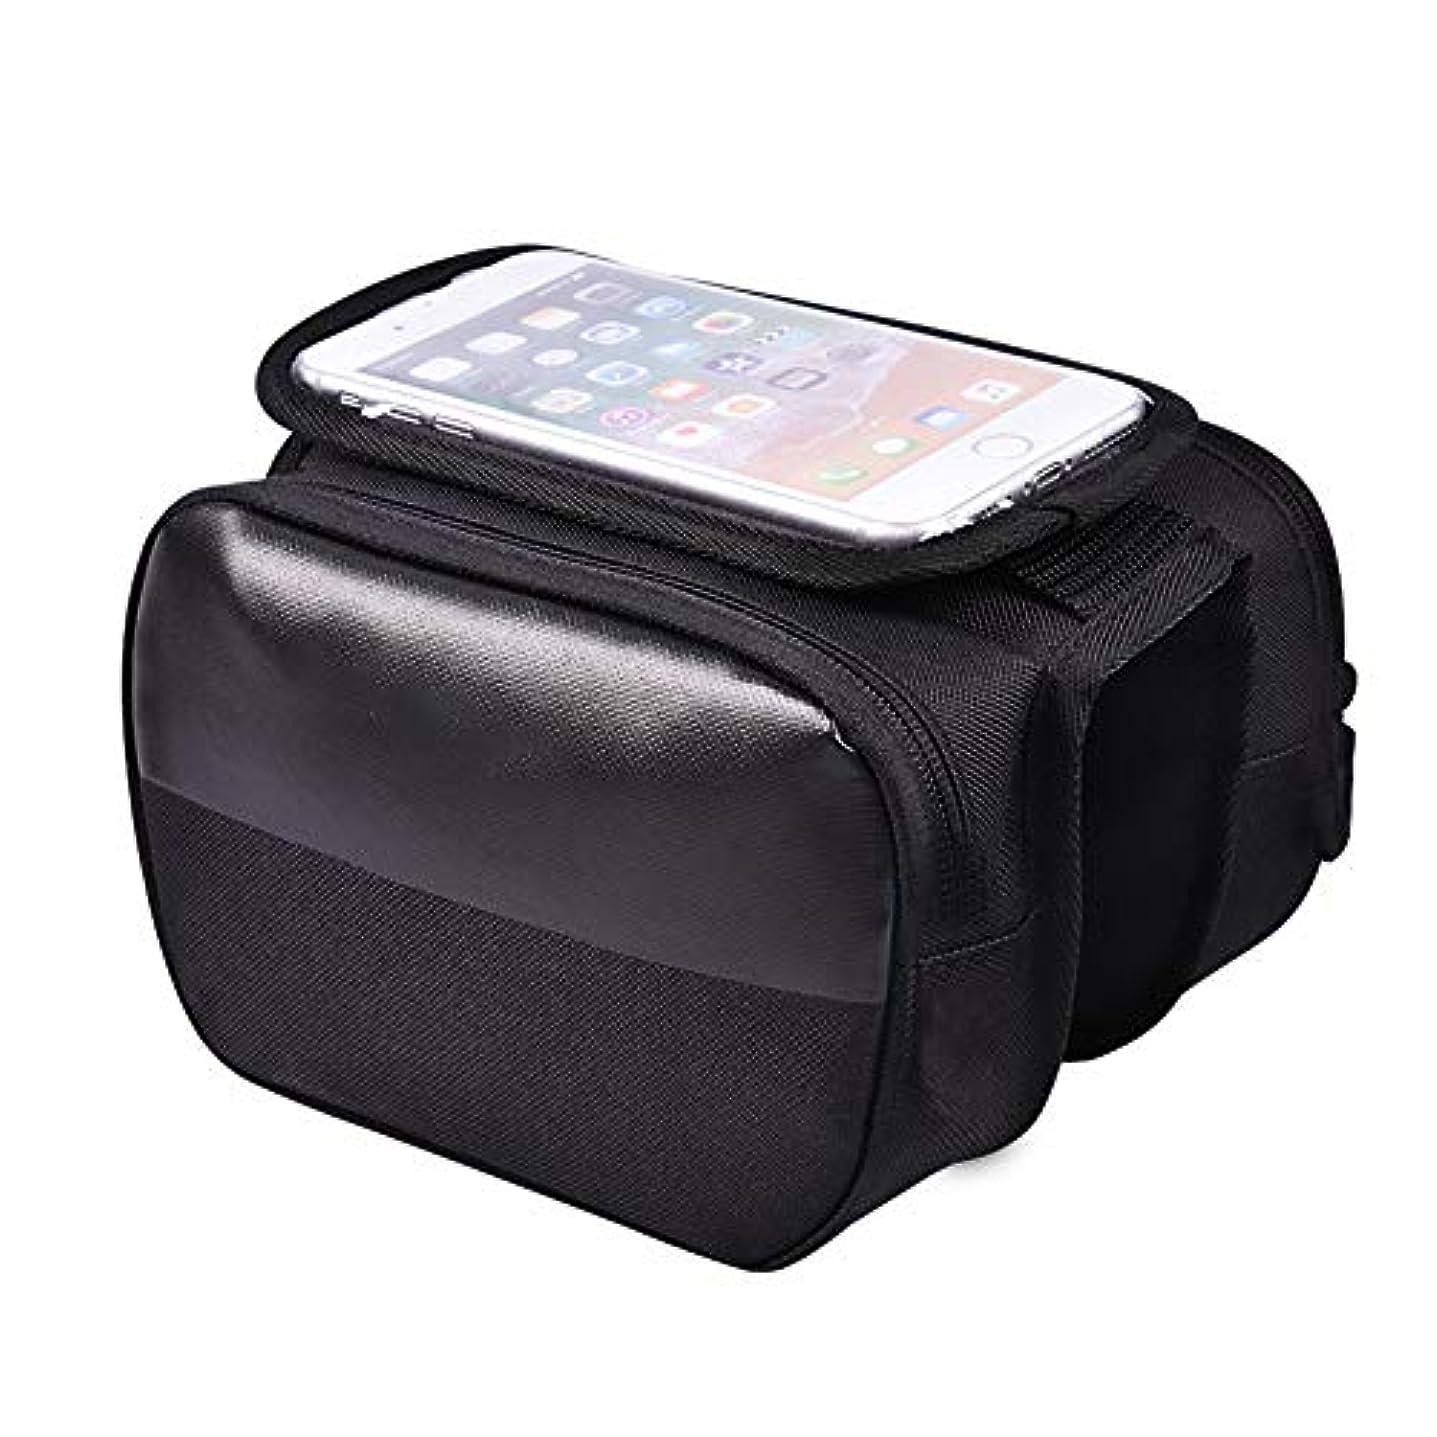 週末近々刑務所バイクフレームバッグトップチューブ携帯電話バッグダブルポーチマウント電話バッグTPUタッチスクリーンシールドジッパーストラップオンサドル6インチ未満のスマートフォンに最適